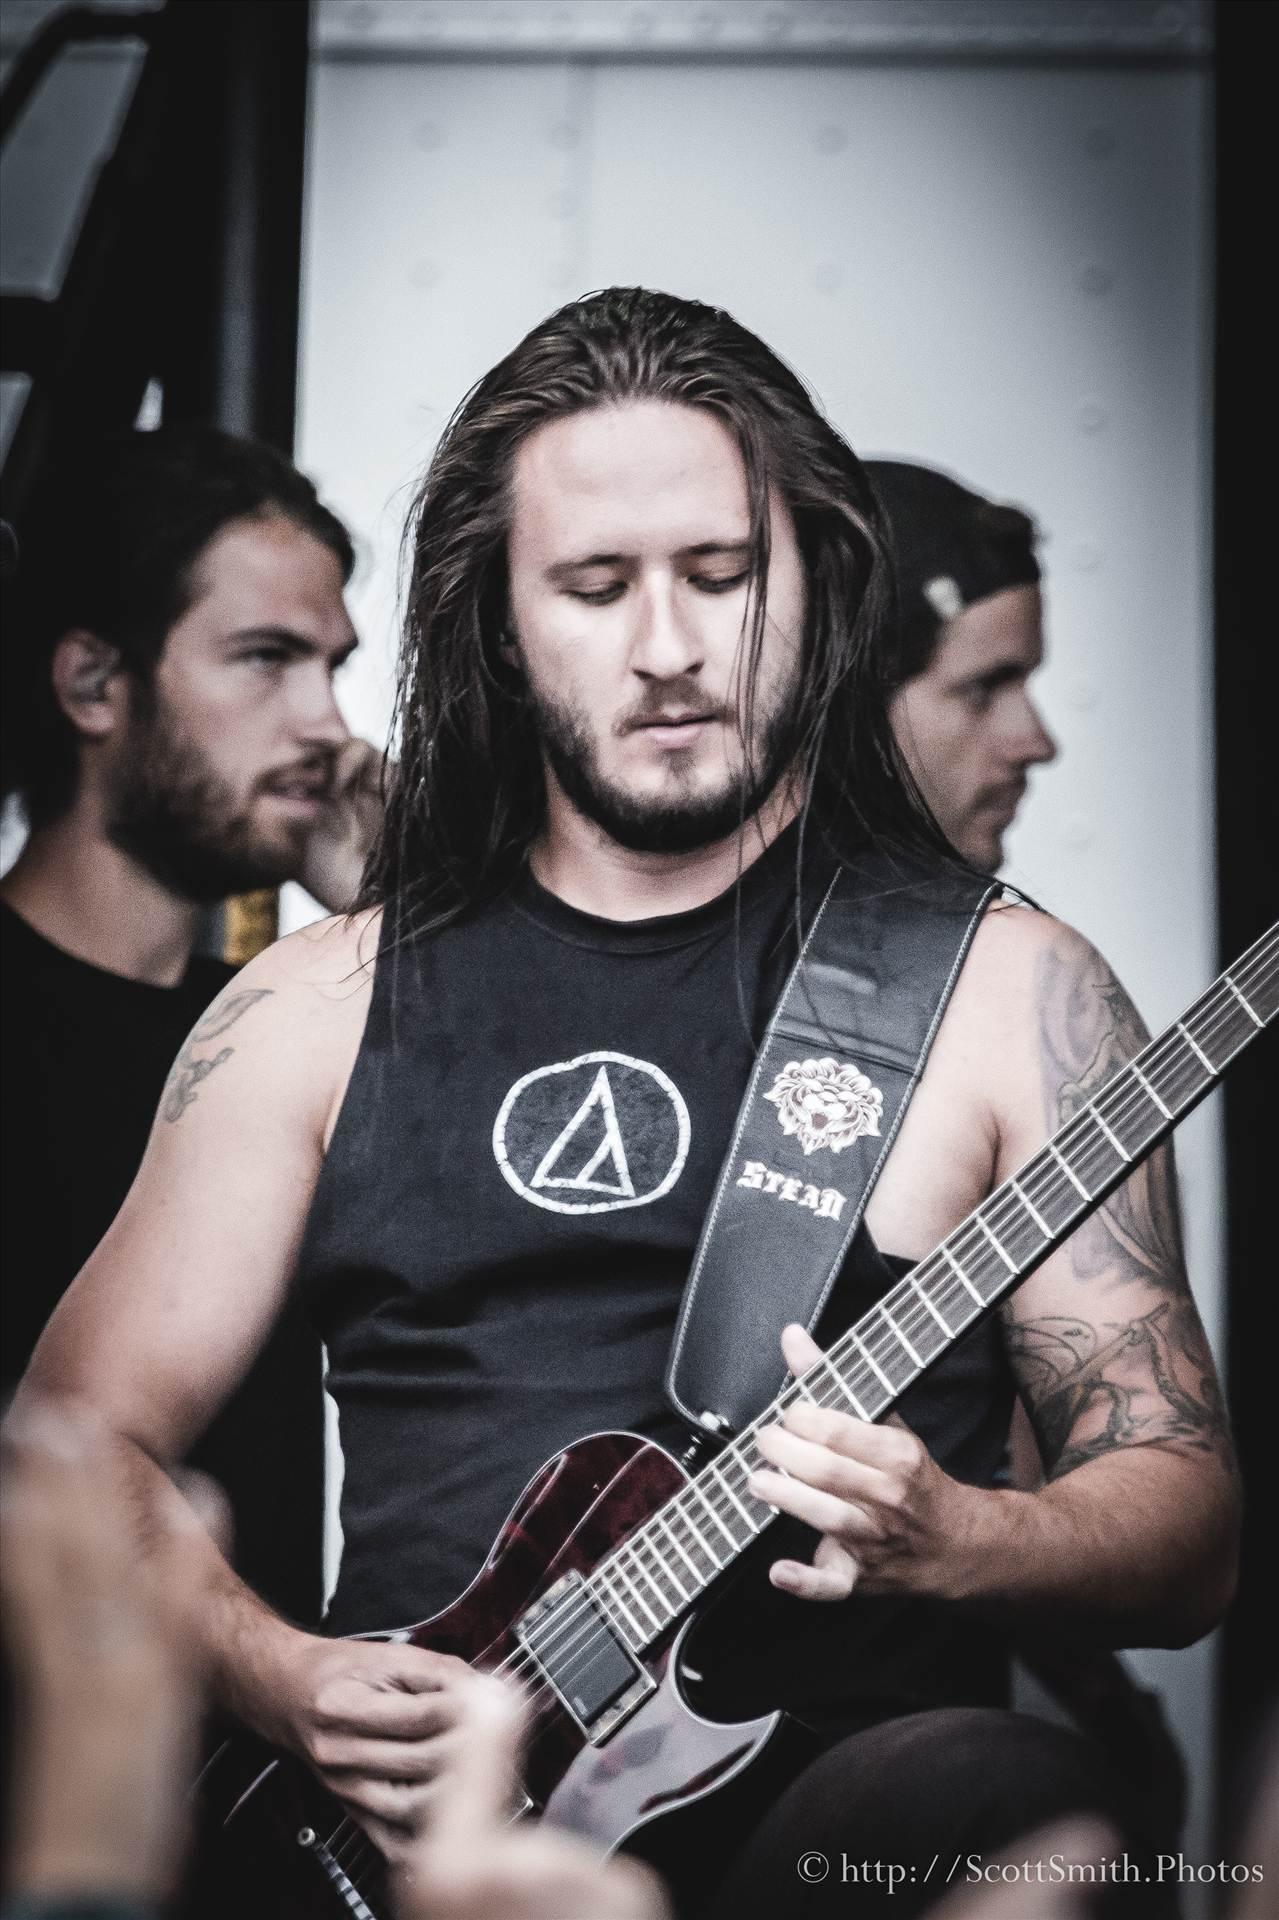 Denver Warped Tour 2015 8 -  by D Scott Smith